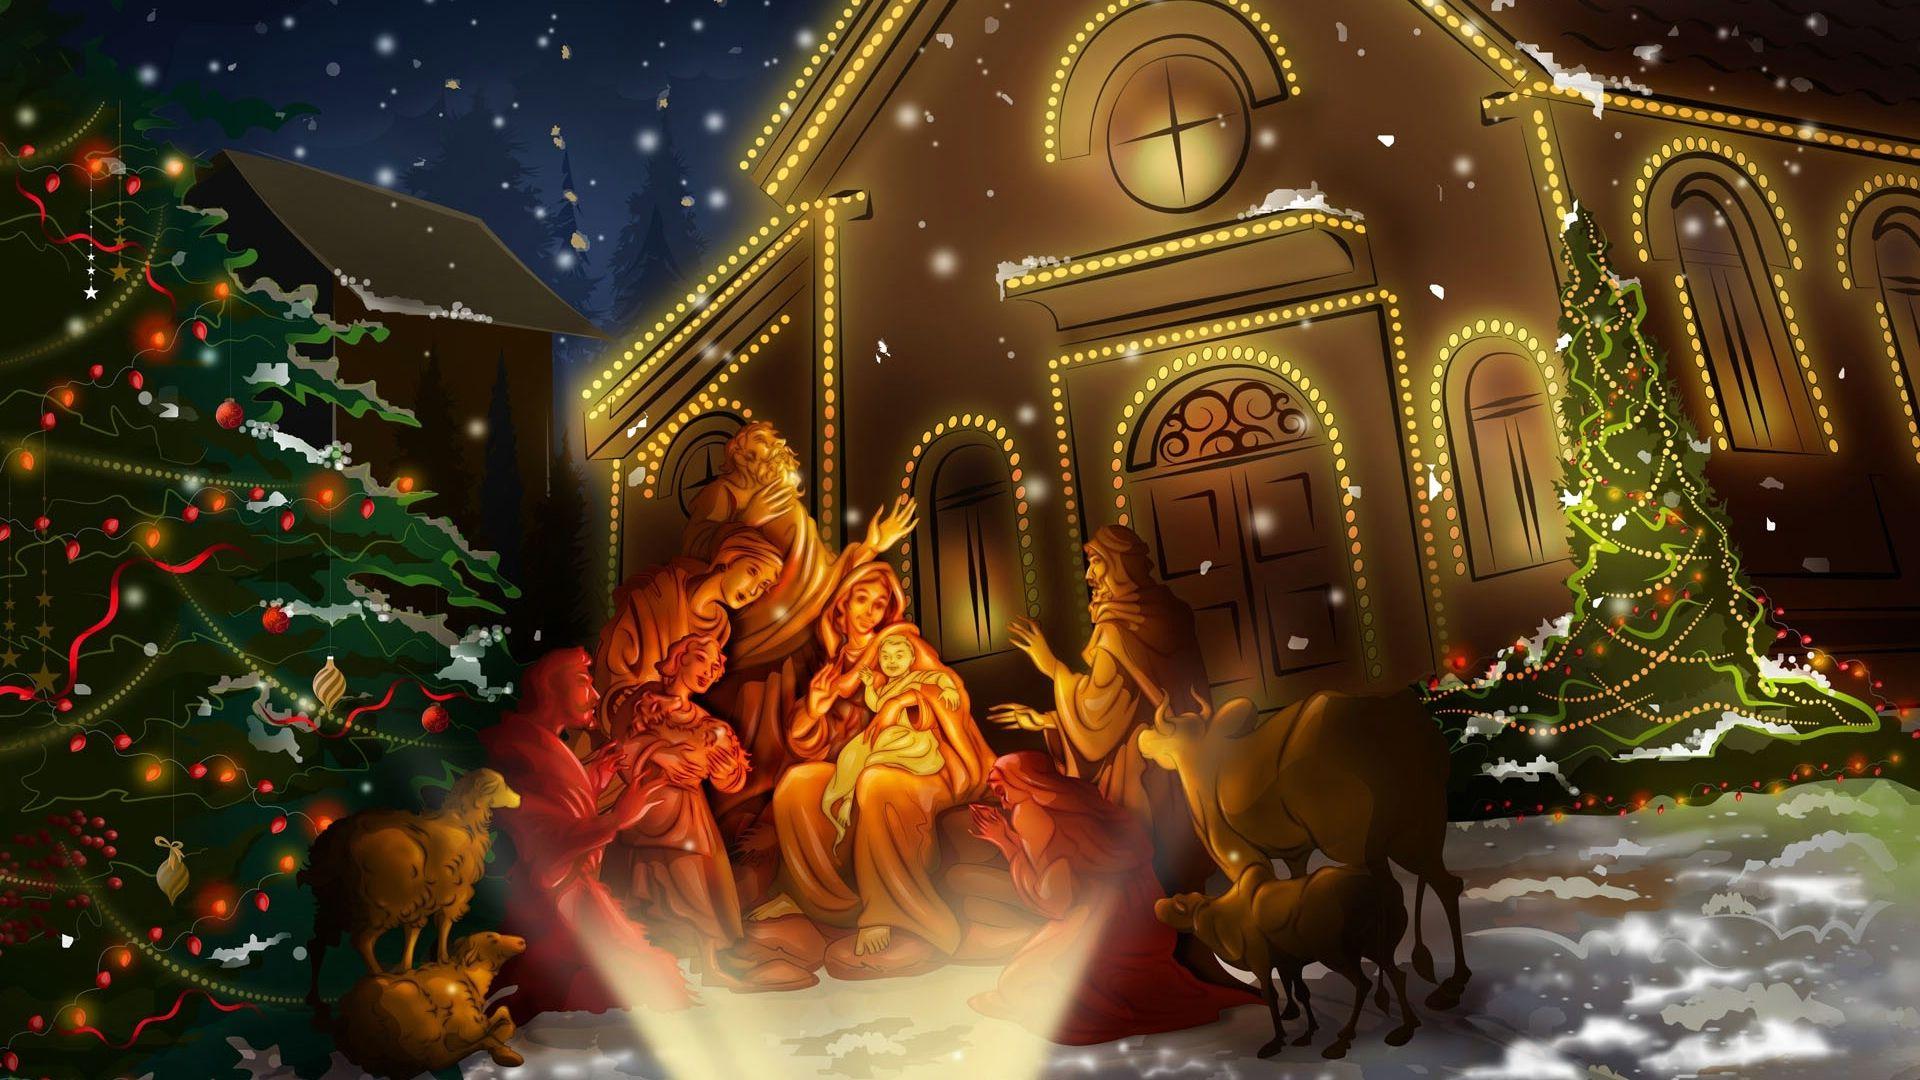 Animated Desktop Wallpaper Collection 44 Papel De Parede Natalino Fotos De Natal Nascimento Do Natal